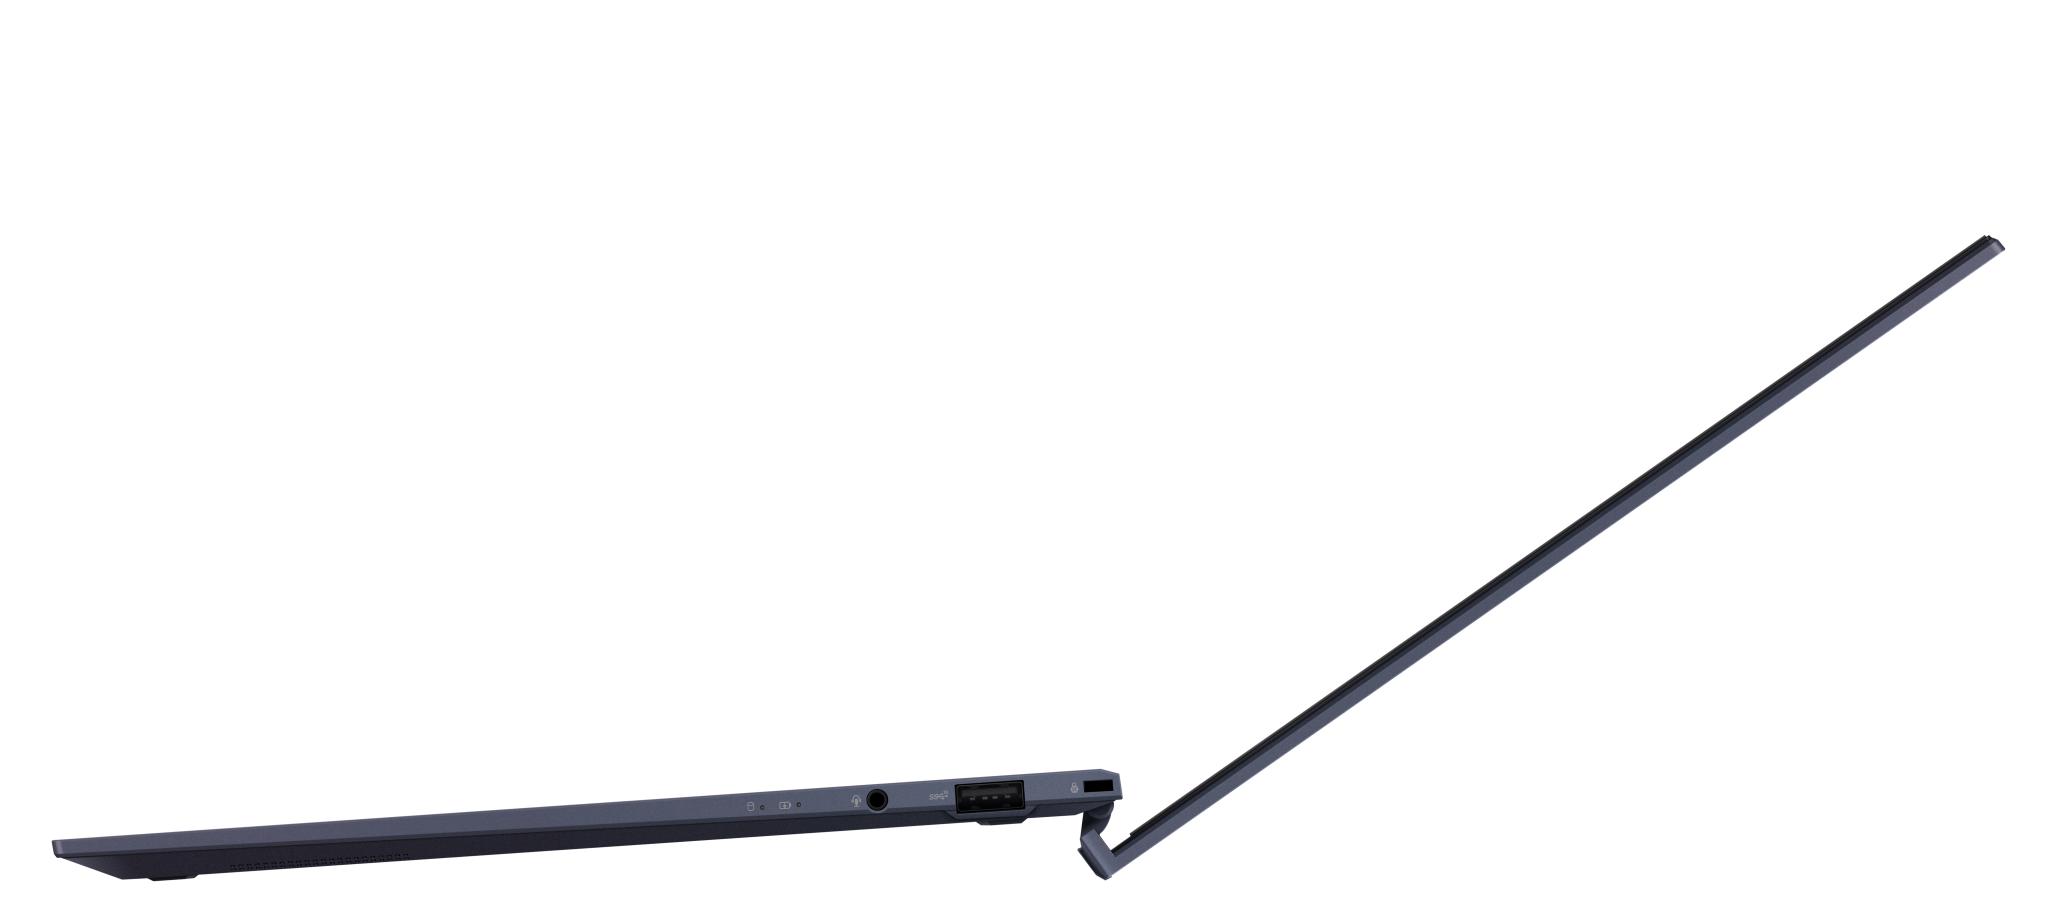 Laptop Business ASUS ExpertBook, 14.0-inch, i7-11657G7 16 2 UMA FHD W10P - imaginea 1